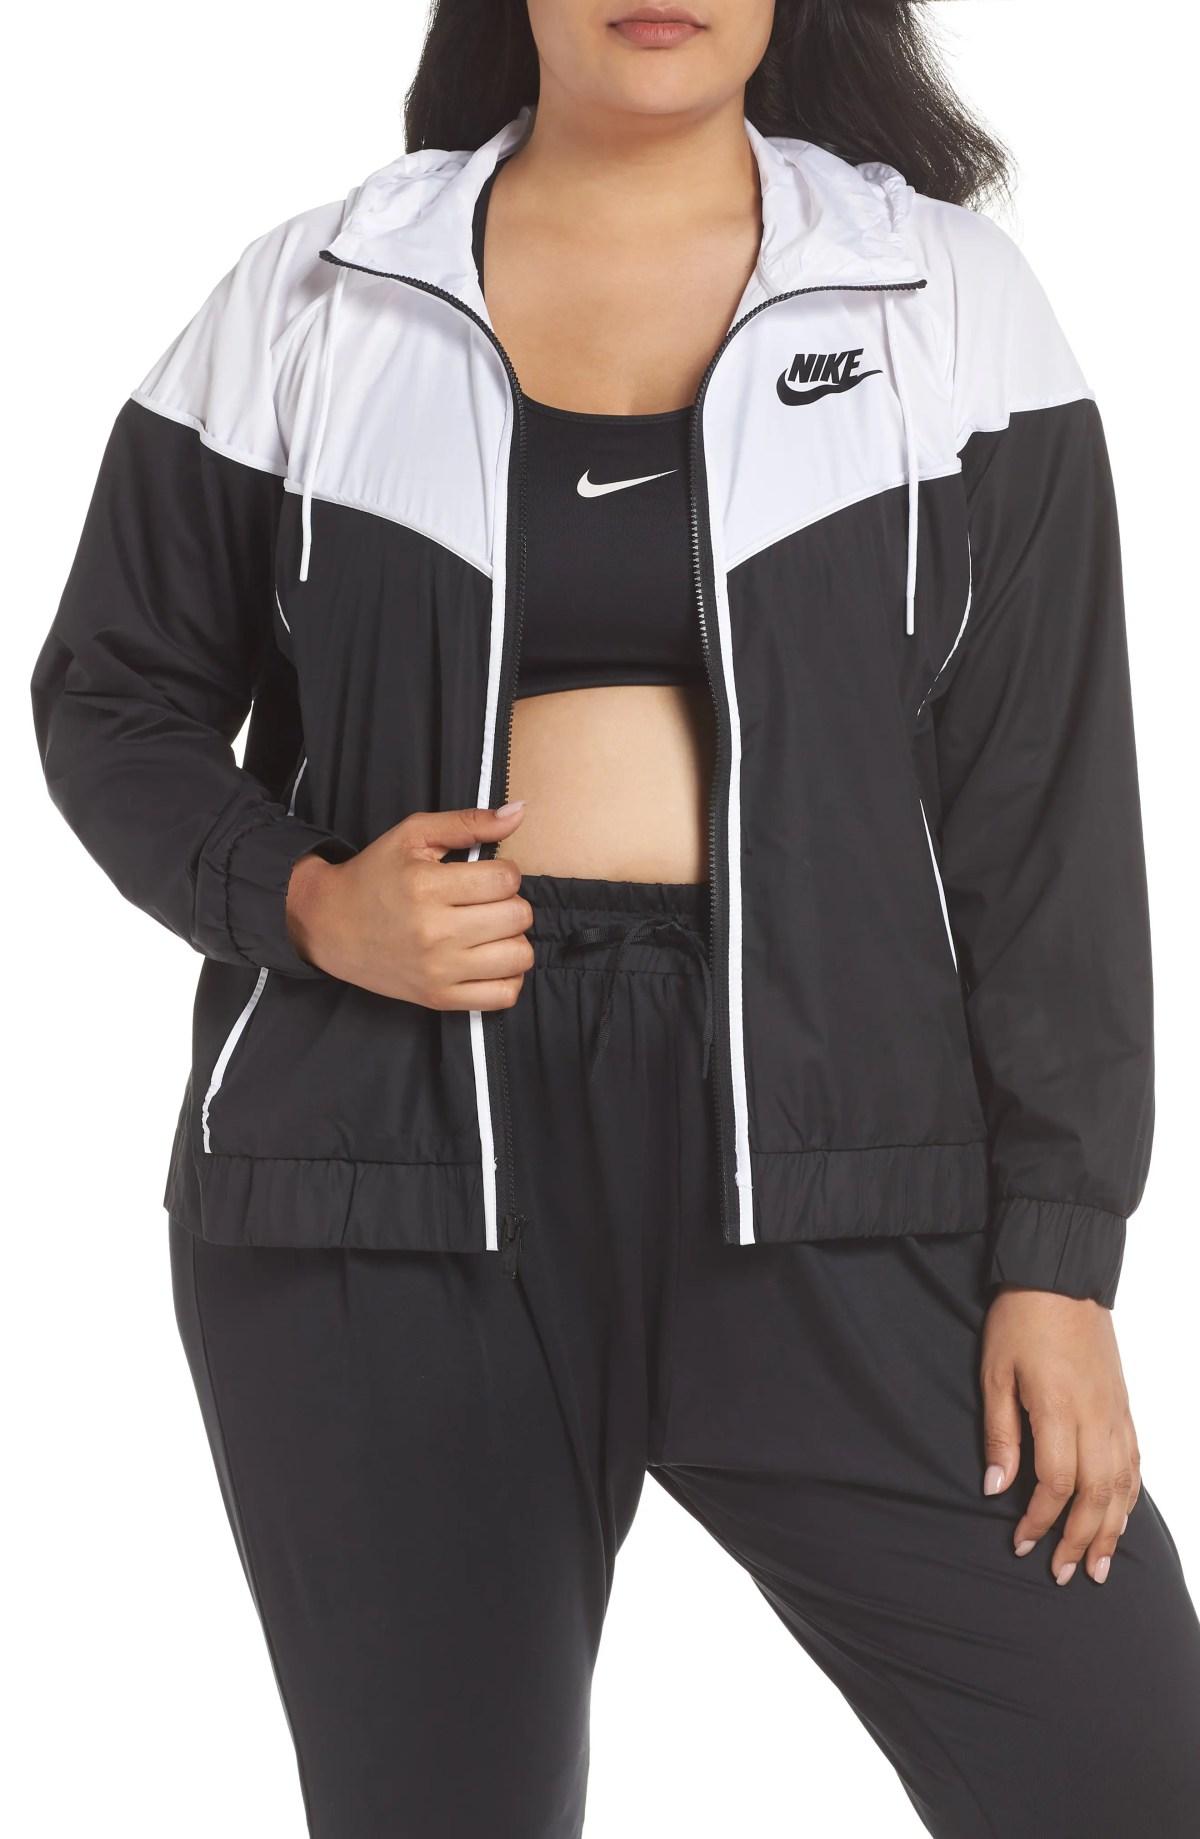 NIKE Sportswear Windrunner Jacket, Main, color, BLACK/ WHITE/ BLACK